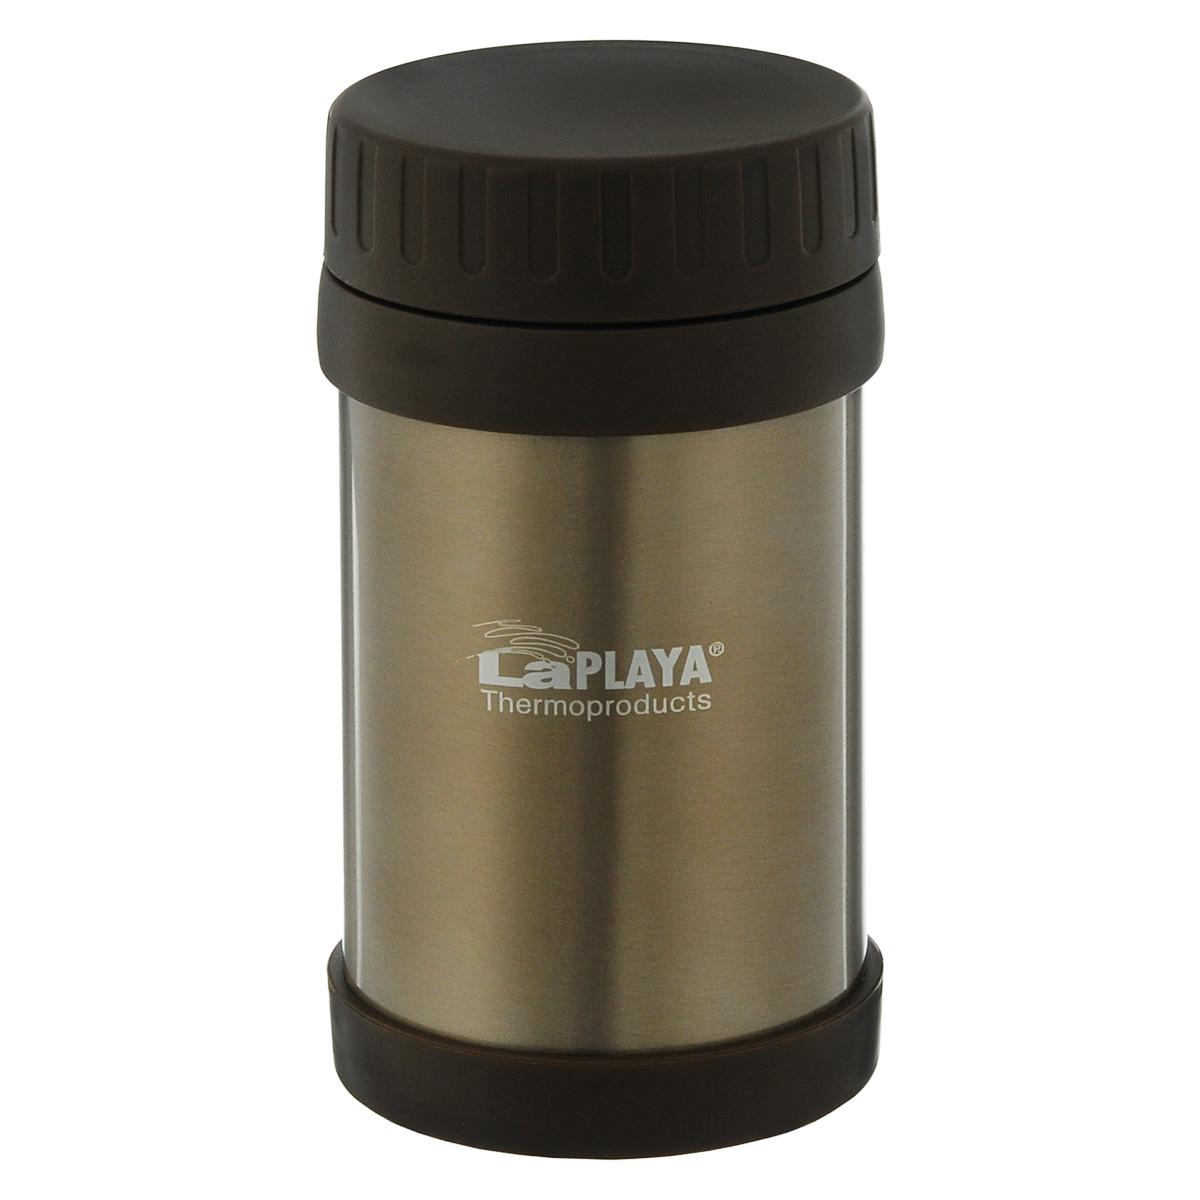 Термос для еды LaPlaya Food Container, цвет: коричневый, 500 мл560084Корпус термоса LaPlaya Food Container изготовлен из высококачественной нержавеющей стали с двумя стенками и превосходной вакуумной изоляцией. Термос оснащен крышкой, благодаря которой сохраняется абсолютная герметичность. Изделие имеет большое горлышко, поэтому идеально подходит для салатов, закусок, первых и вторых блюд. Такой термос удобен в использовании и станет полезным подарком. Нельзя мыть в посудомоечной машине. Диаметр (по верхнему краю): 7 см. Диаметр основания: 8,5 см. Высота (без учета крышки): 15,5 см.